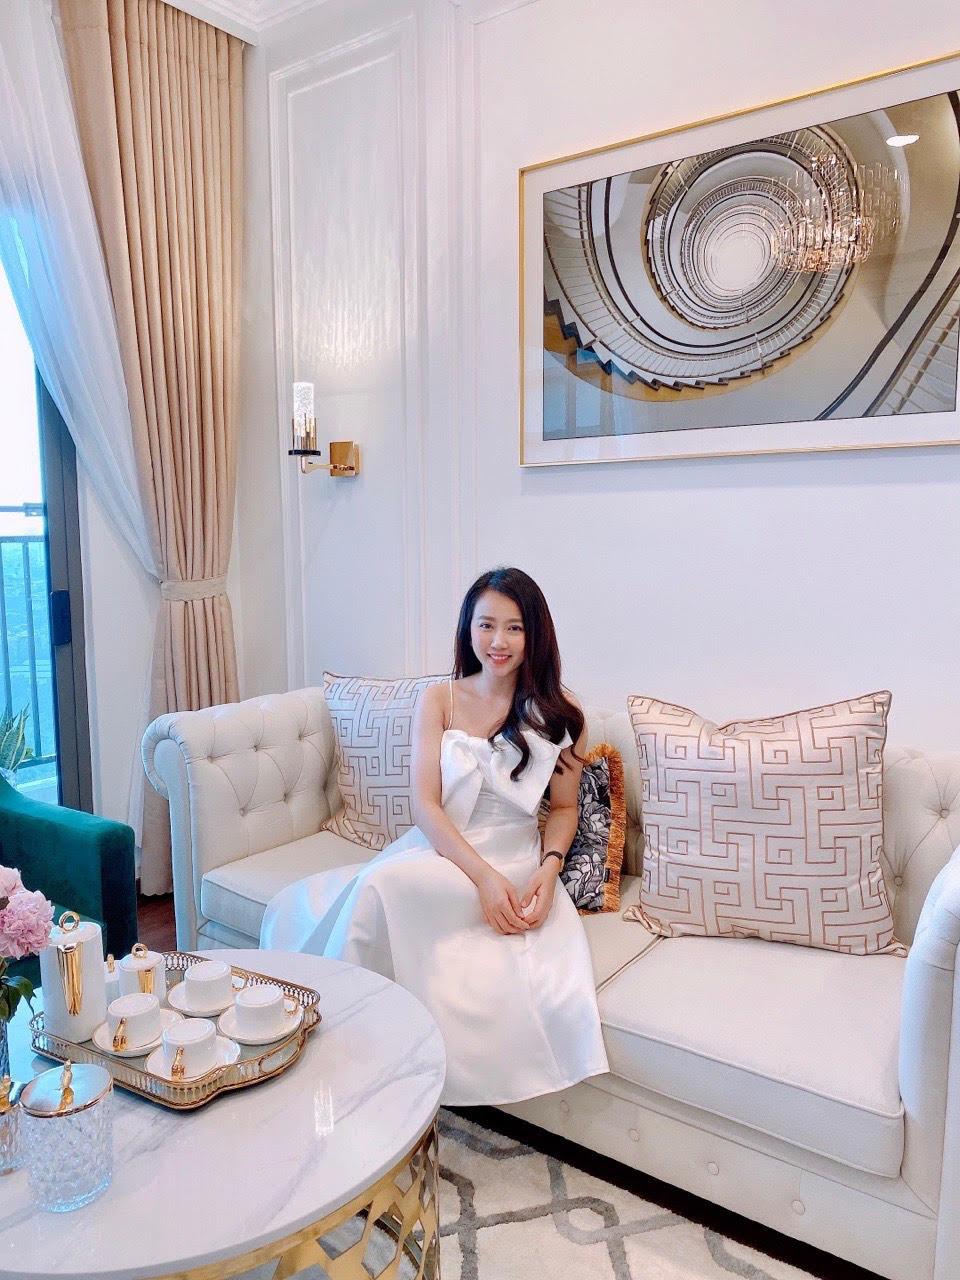 Hồng Loan khoe nhà mới gần 6 tỷ đẹp như khách sạn hạng sang hậu chia tay, Tiến Linh có tiếc? - Ảnh 1.